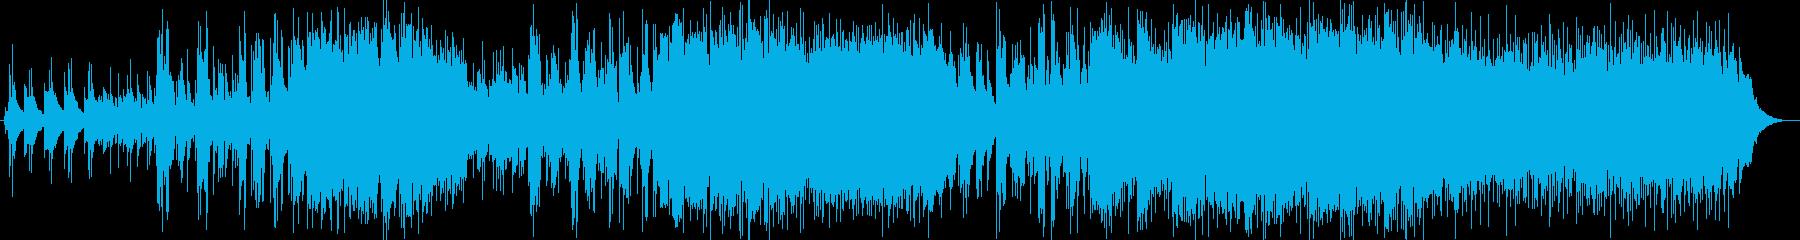 ポップなフォークアメリカーナの曲に...の再生済みの波形